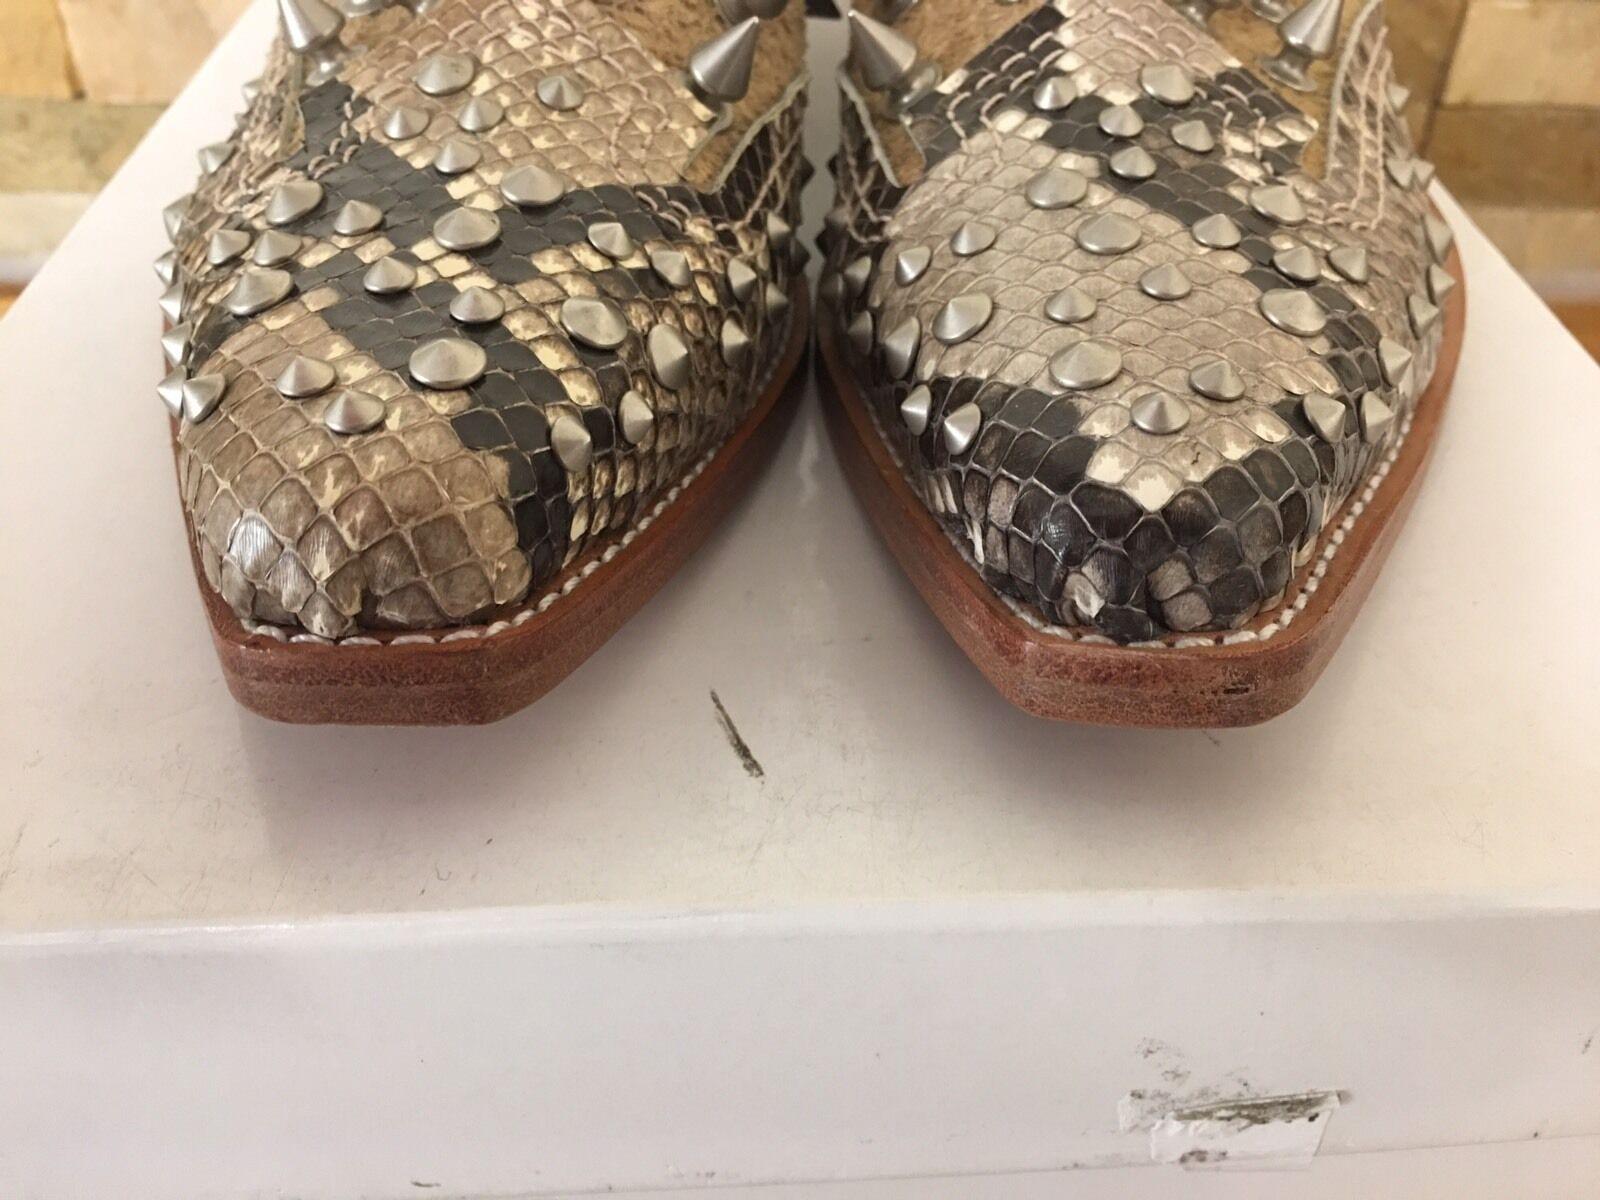 homme / femme est junya watanabe pour comme aspect des garçons kiro cuir petites / aspect comme élégant bottes cubain a une longue réputation de nh2814 diversifié de nouvelle conception 13f209